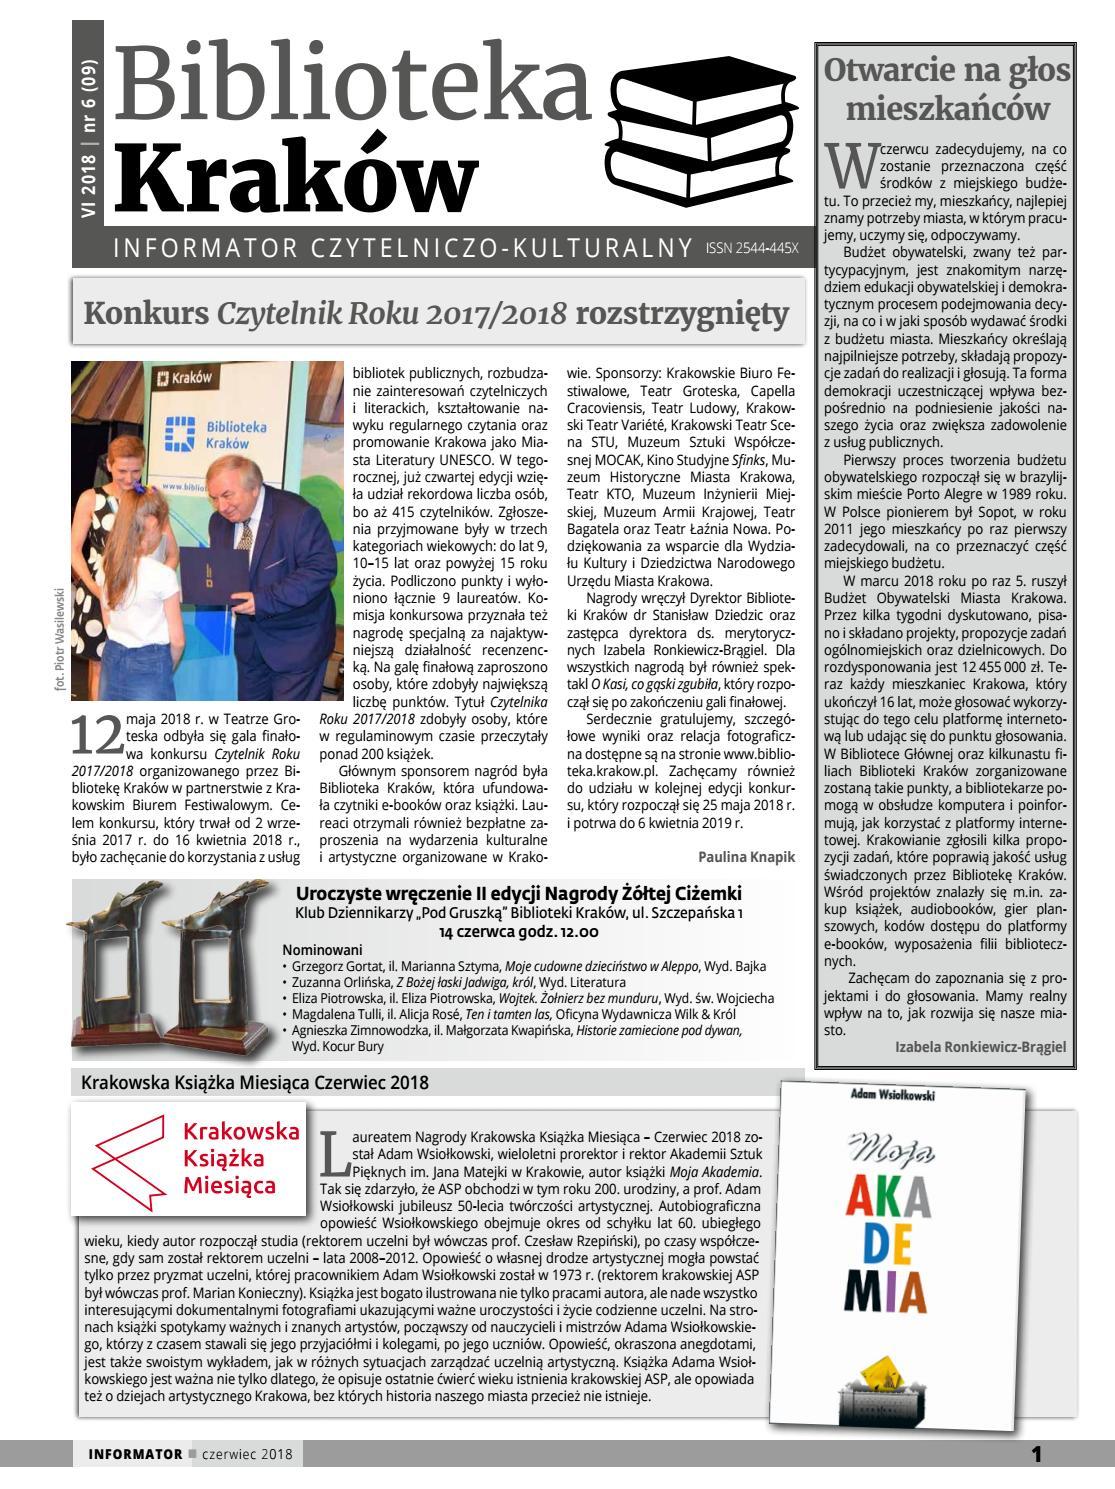 Biblioteka Kraków Informator Czytelniczo Kulturalny By